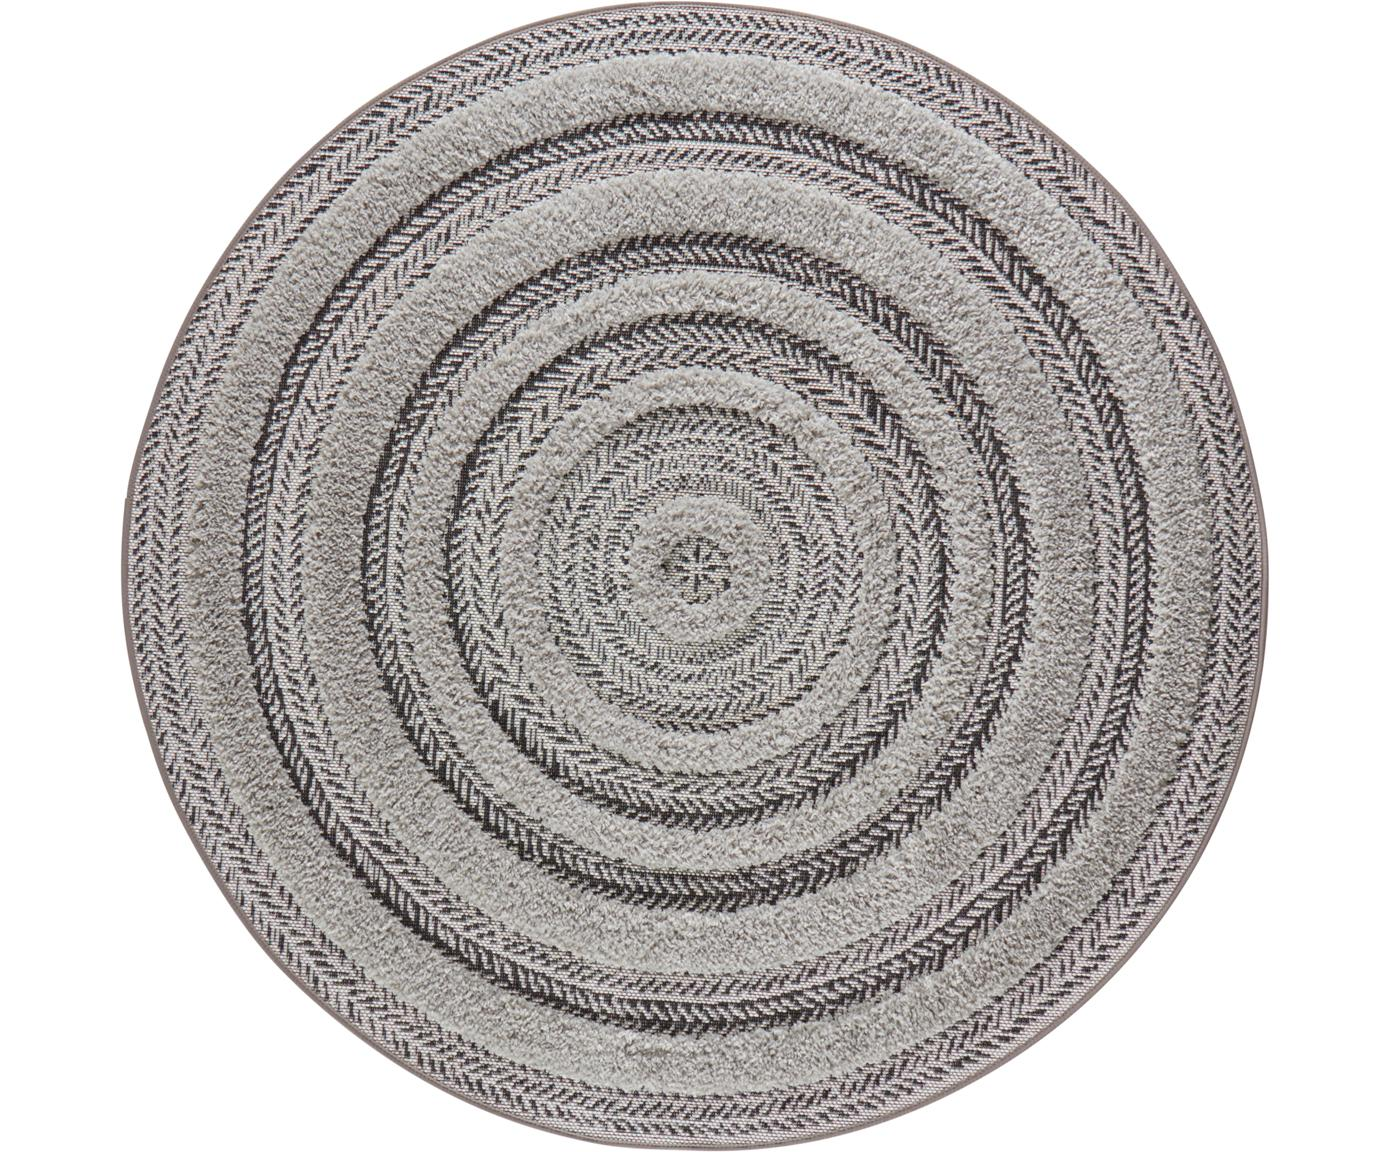 Runder In- & Outdoor-Teppich Nador mit Hoch-Tief-Effekt, Anthrazit, Grau, Ø 160 cm (Größe L)